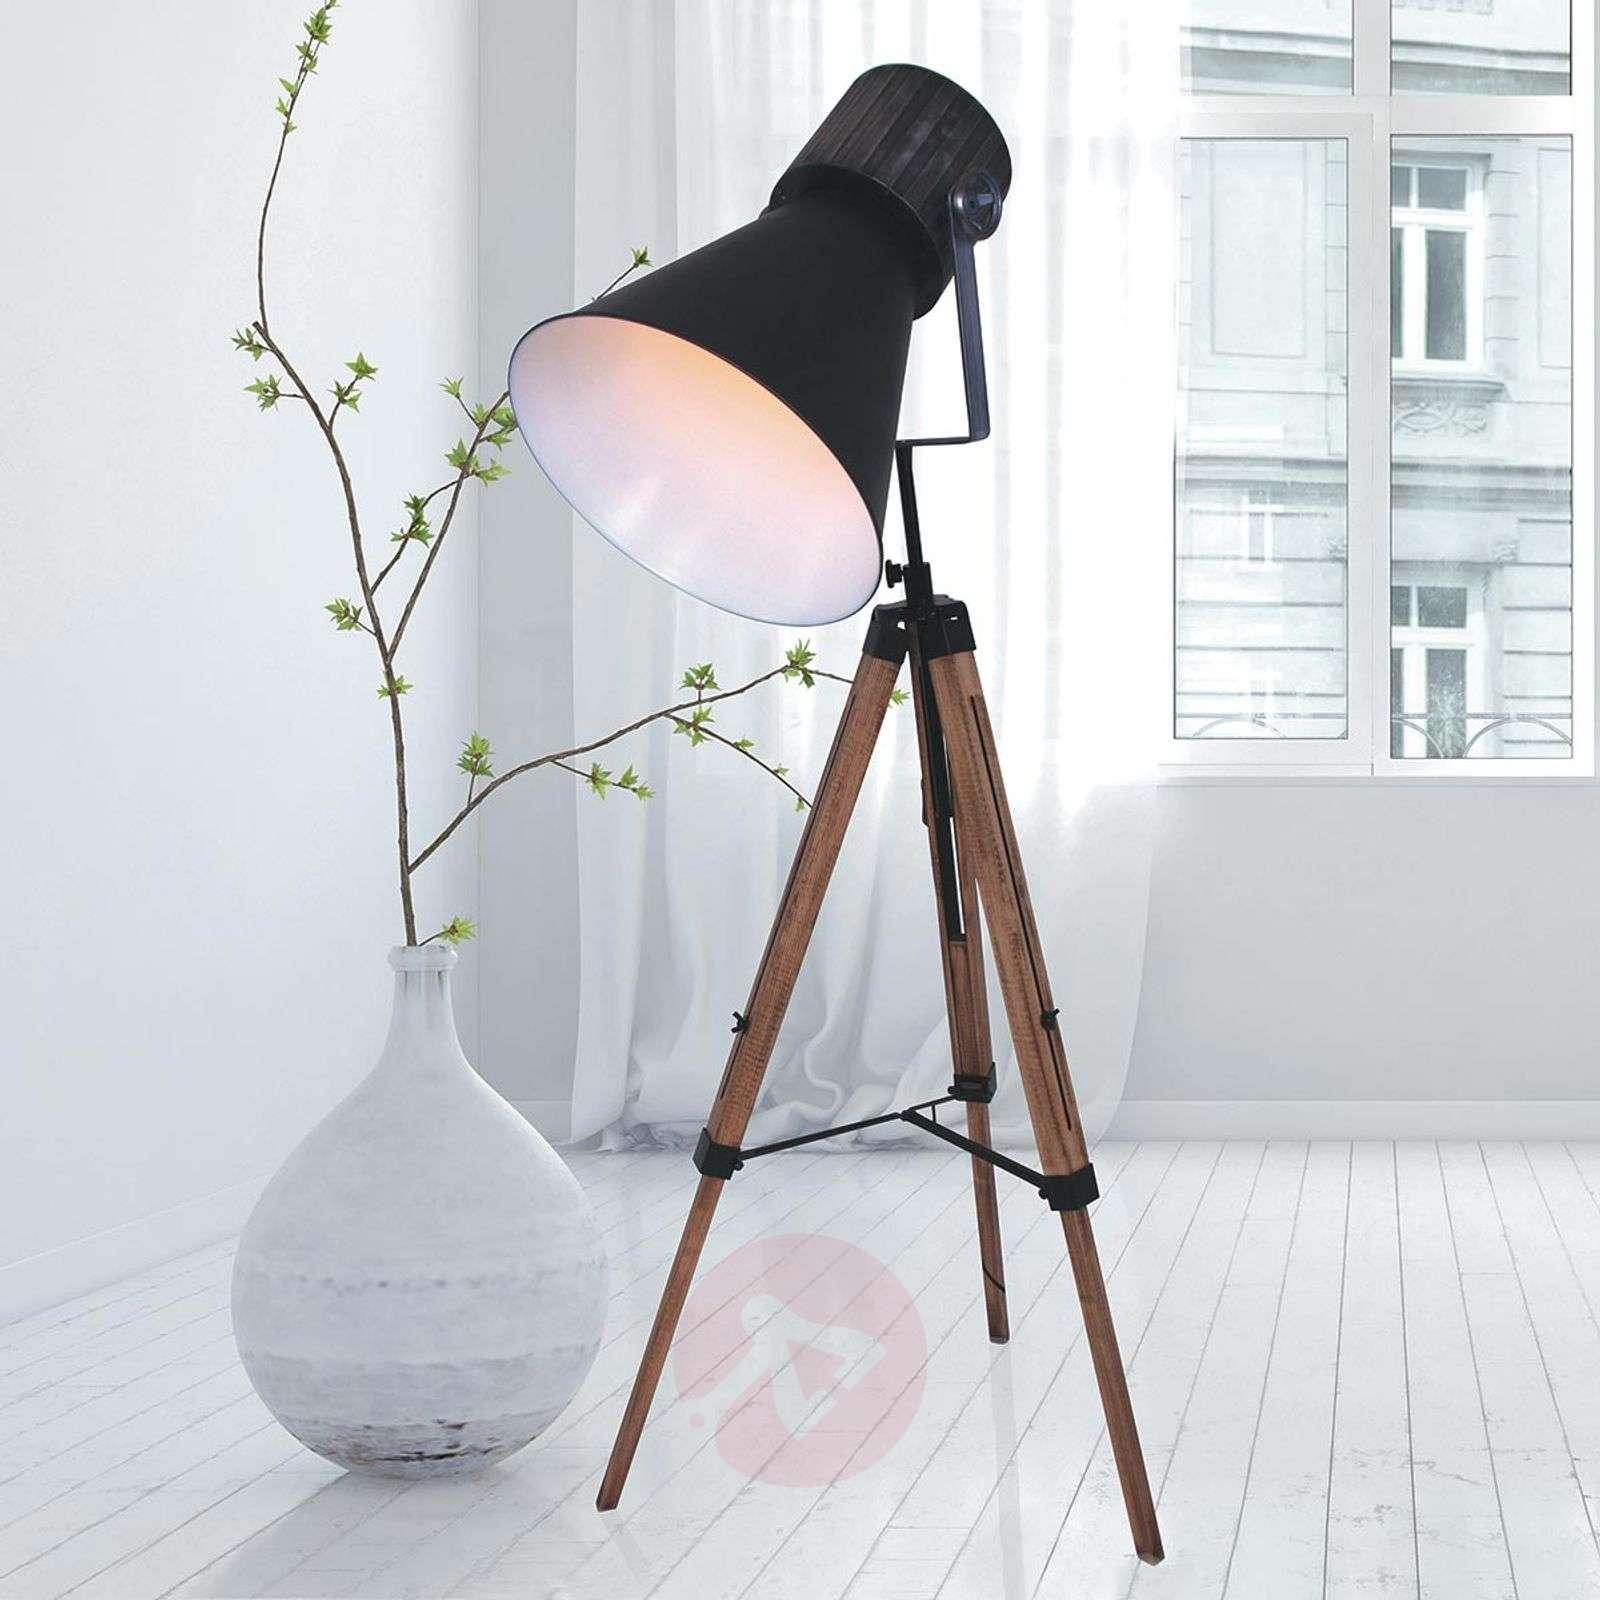 buy online 54af7 30a40 Three-legged floor lamp Hoody, wood and metal